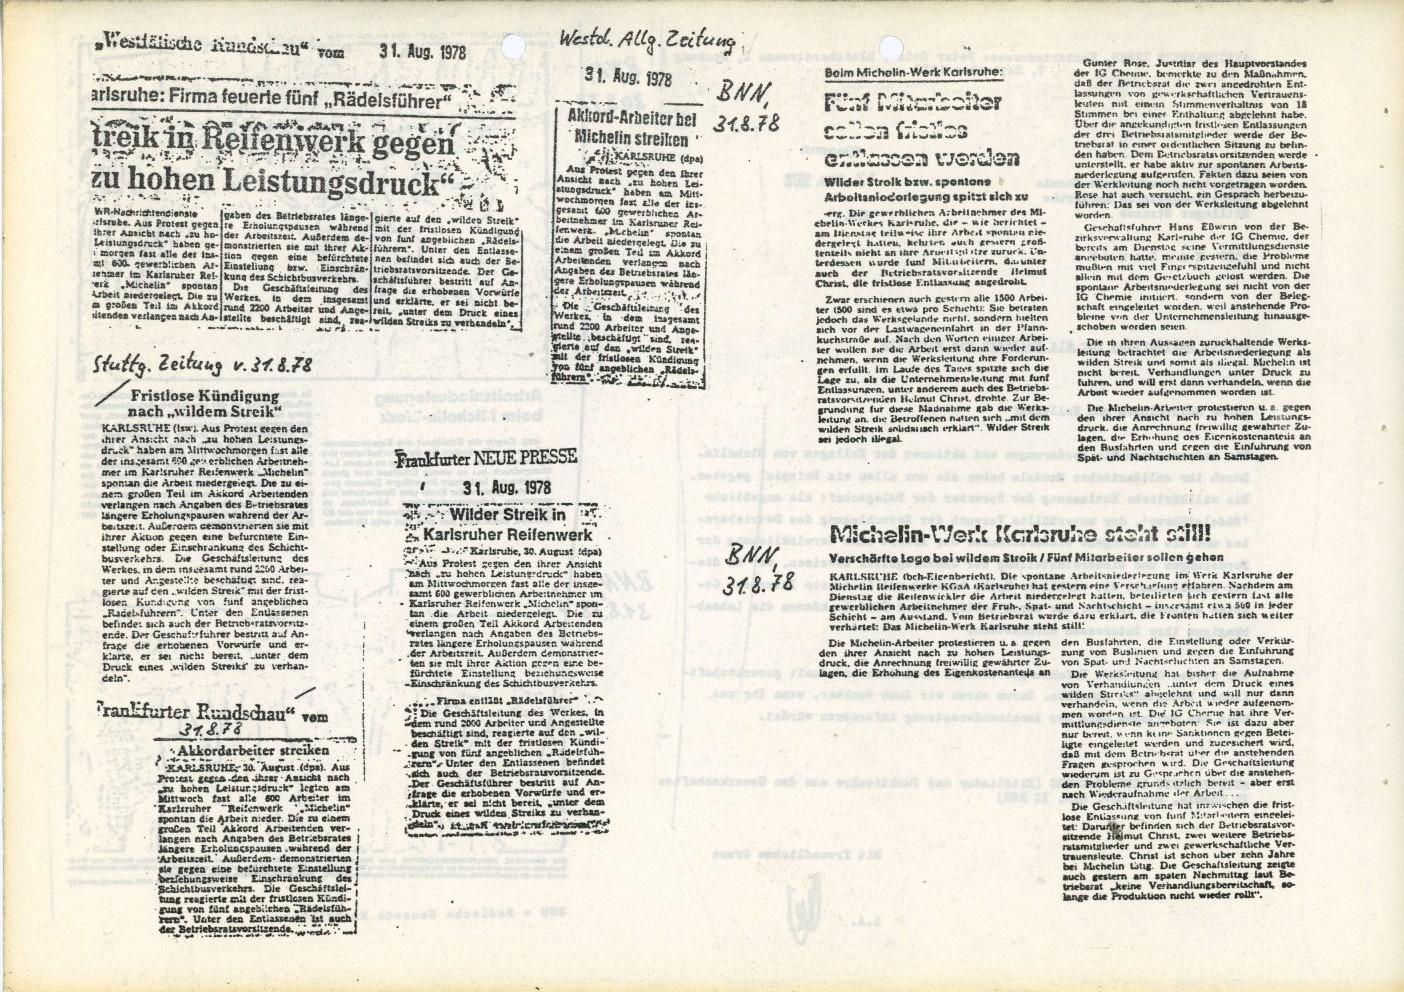 Karlsruhe_Michelin_IGCPK_Doku_zum_Arbeitskonflikt_1978_41